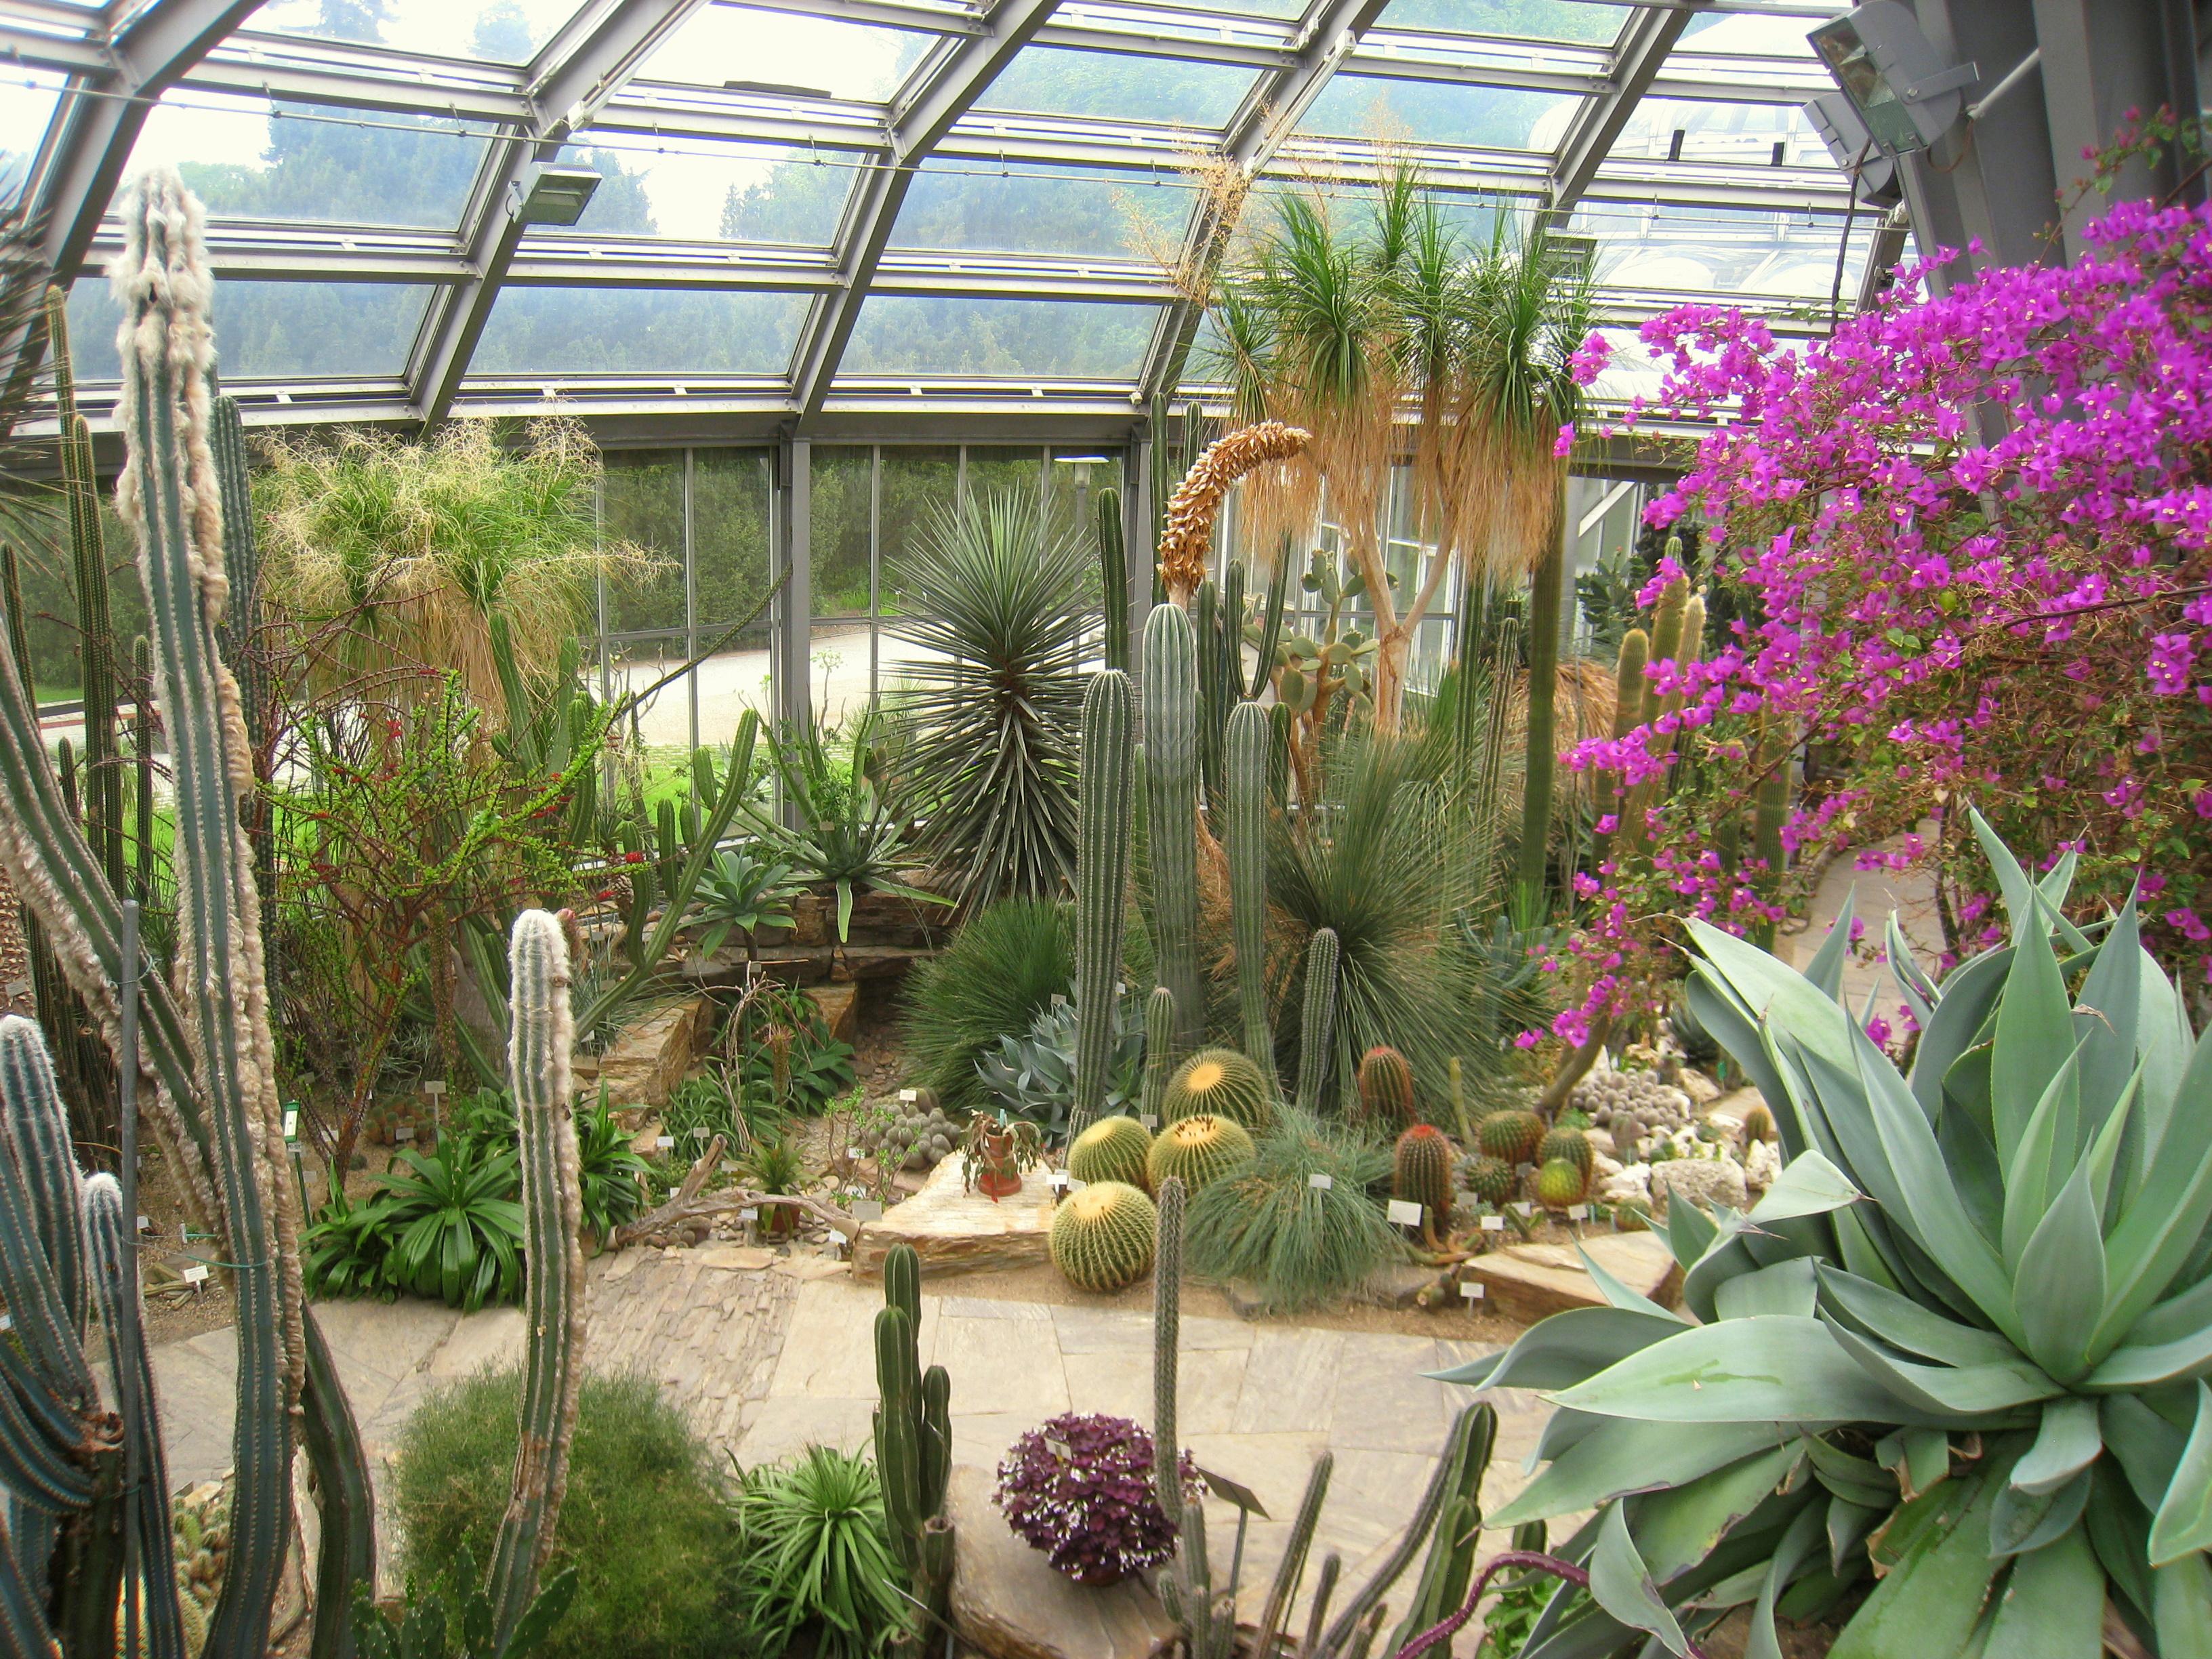 Garten berlin  File:Botanischer Garten, Berlin-Dahlem - view - IMG 8769.JPG ...